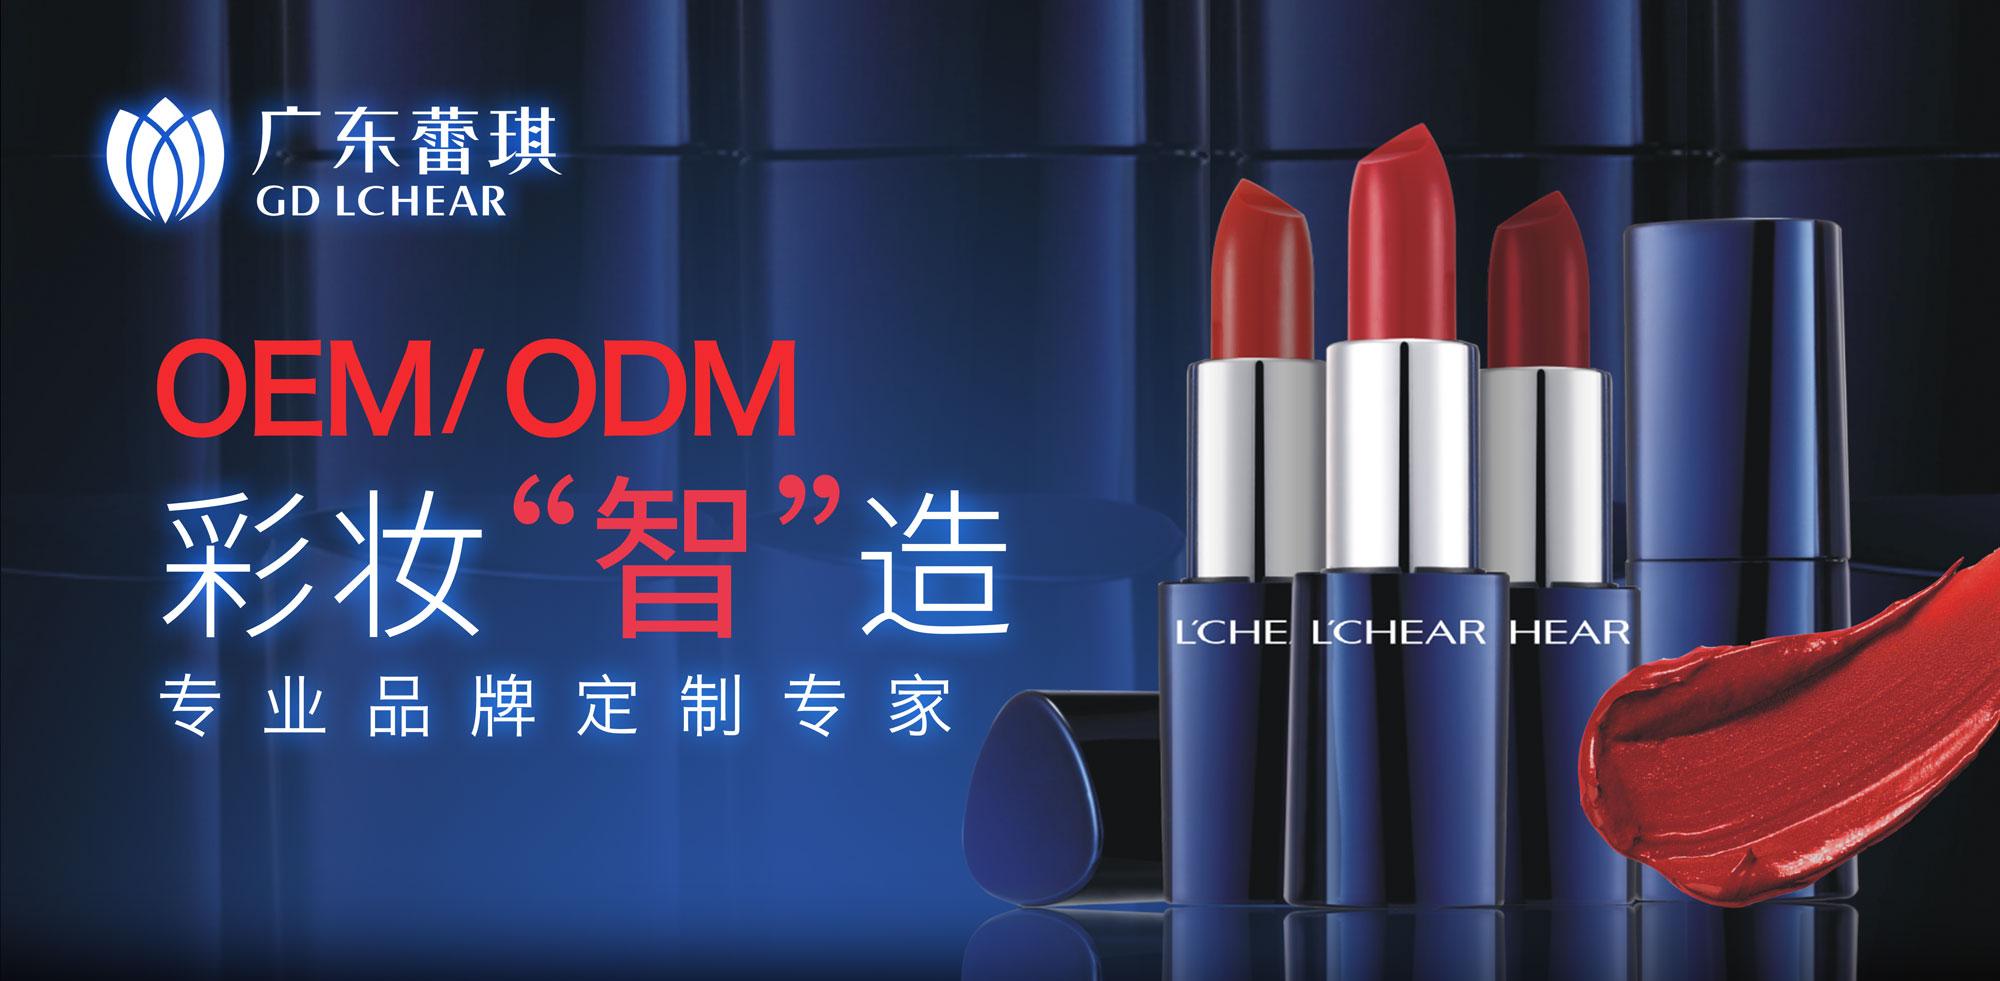 广东蕾琪化妆品有限公司